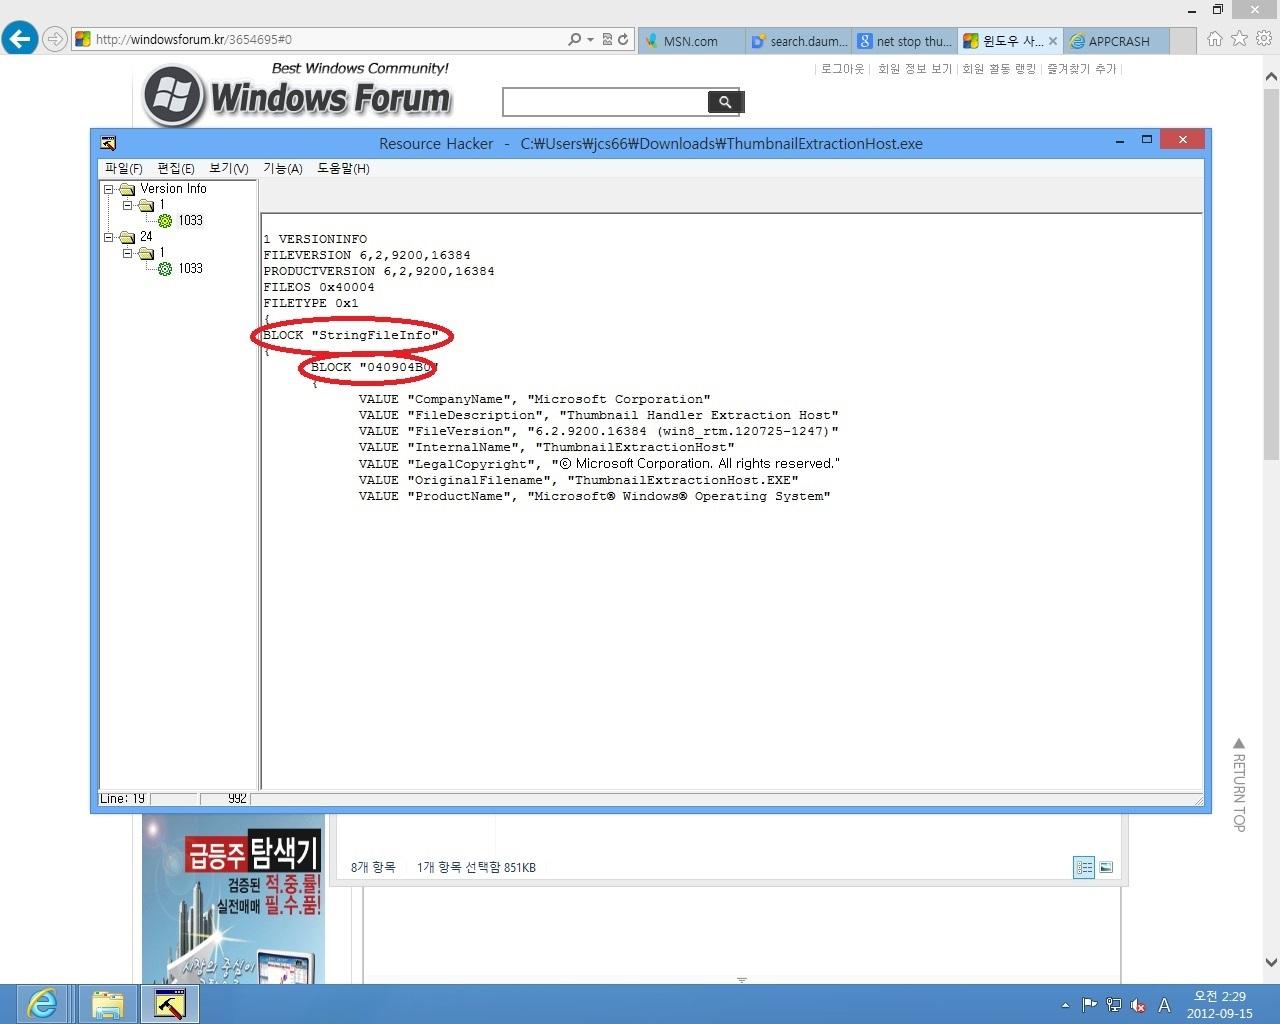 윈도우 포럼 - 자유 게시판 - 혹시 인증과 관련된 화일???